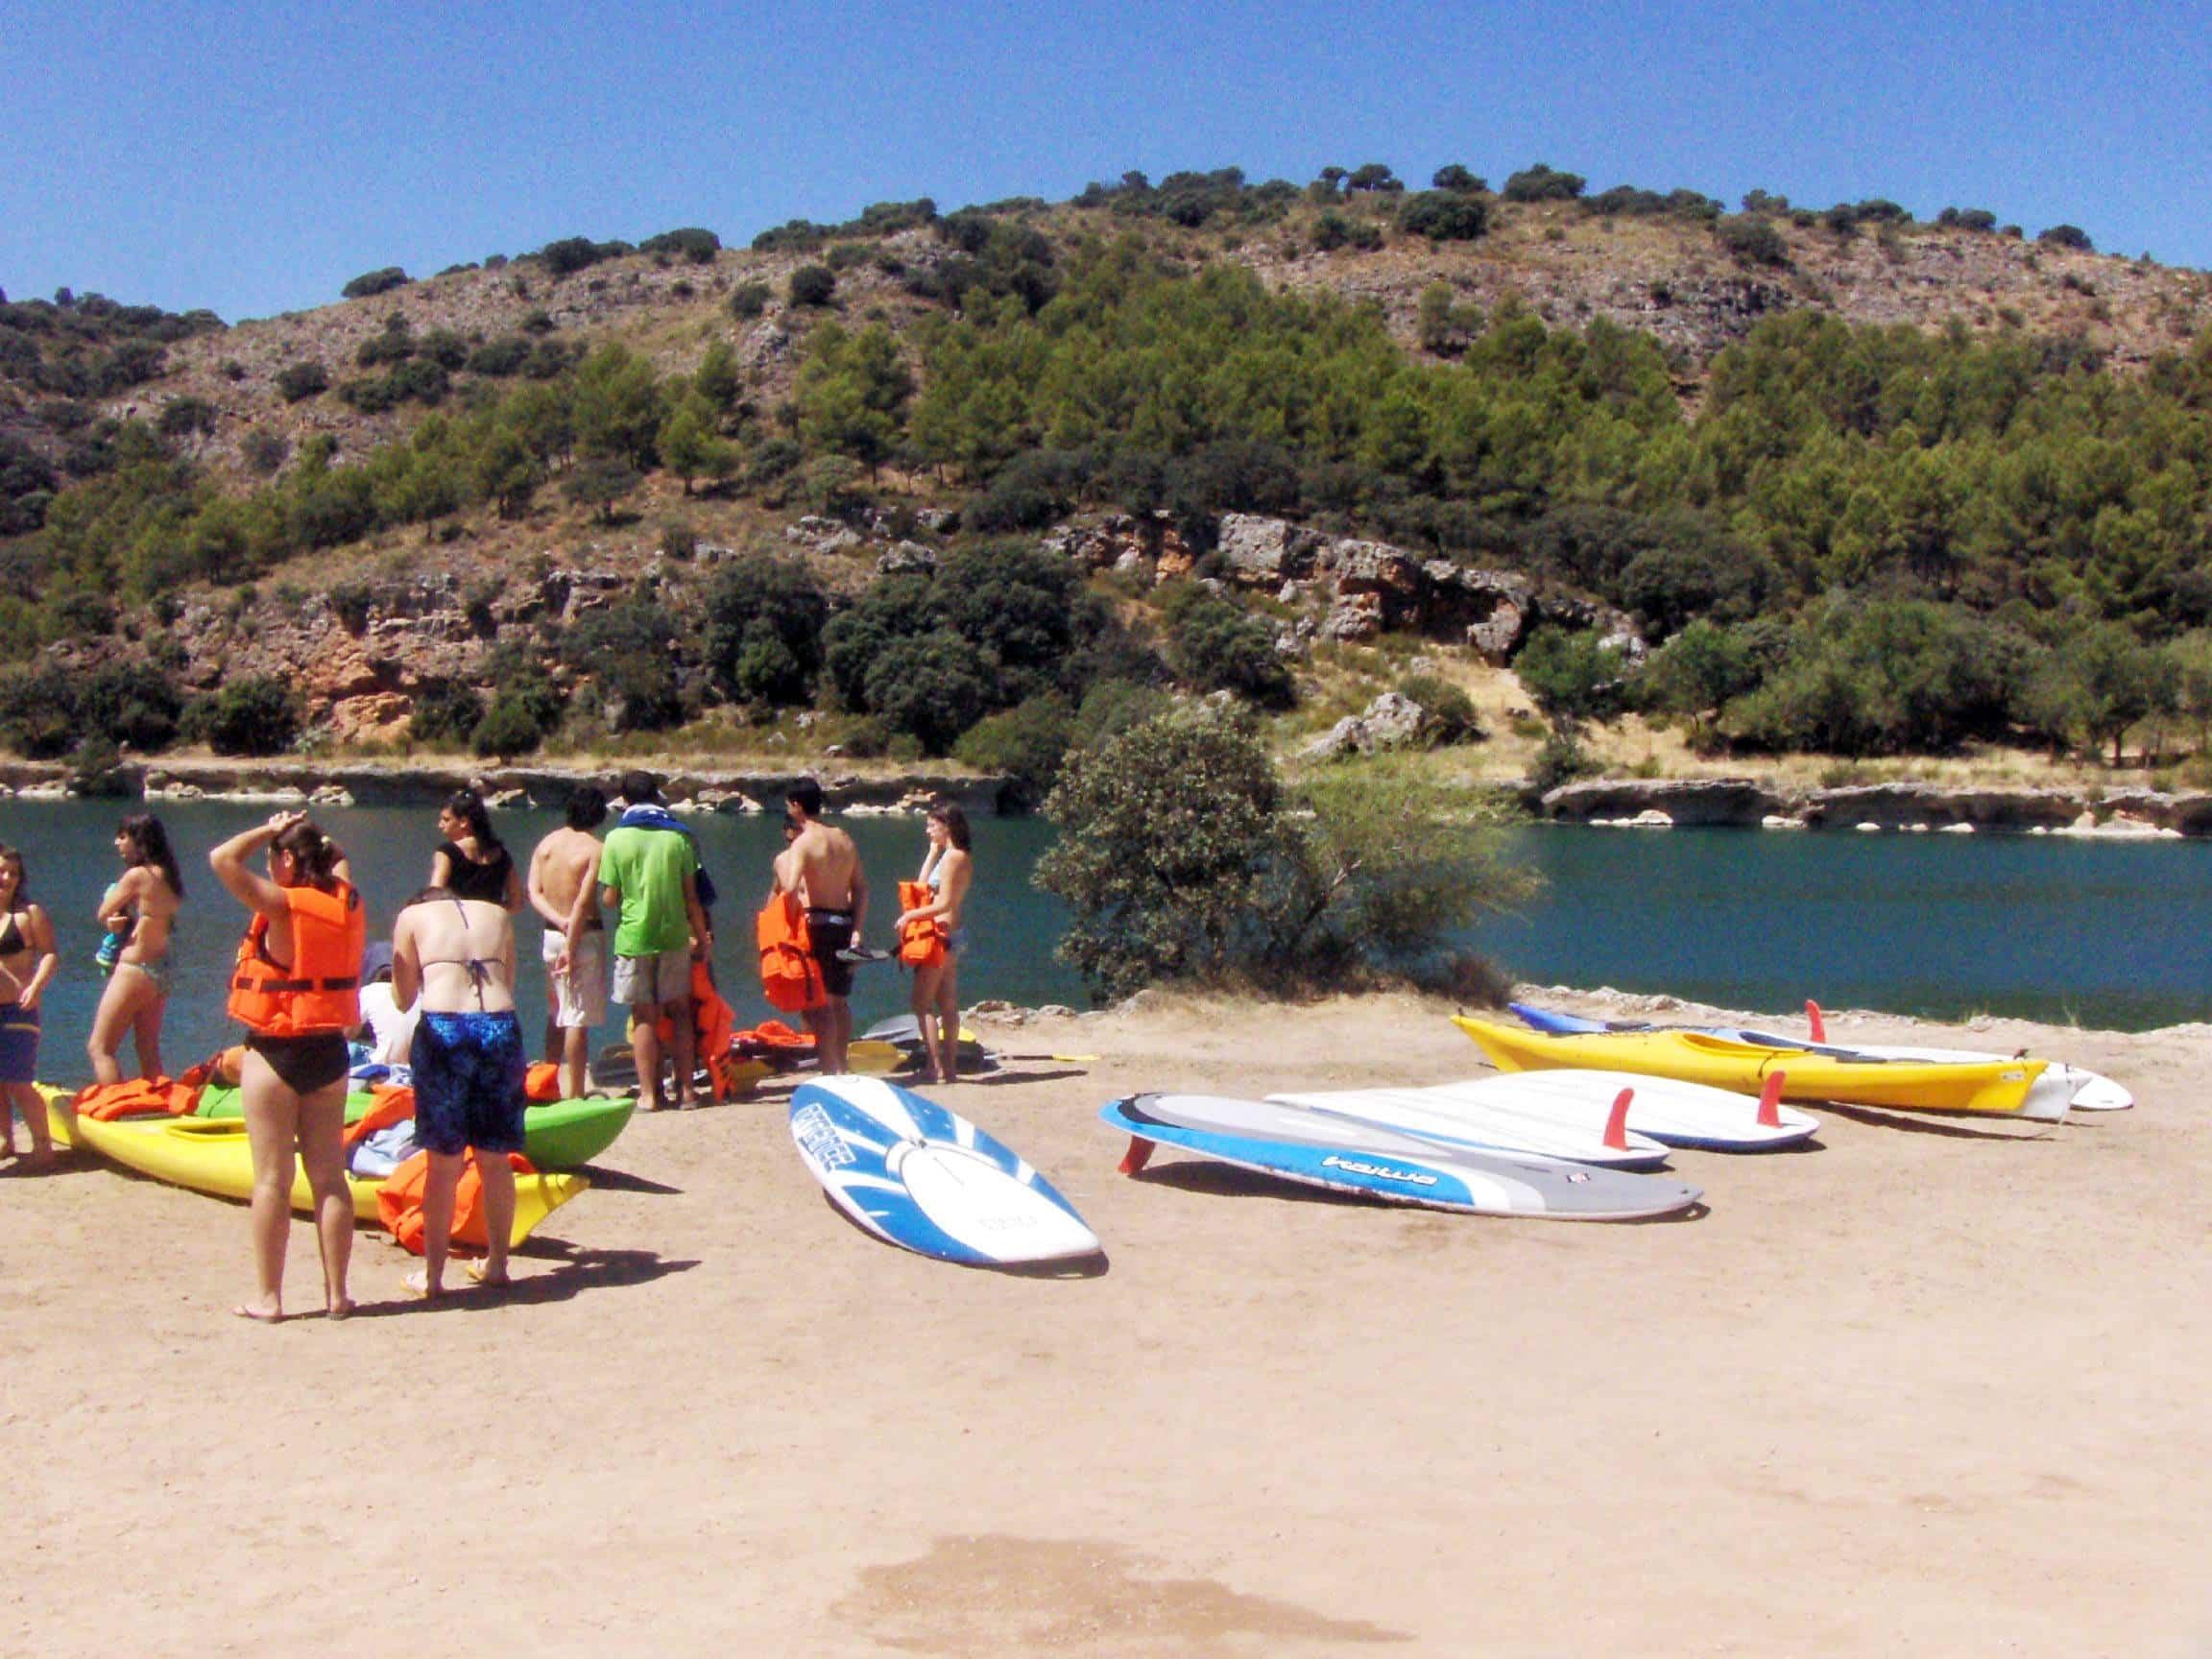 zonas banos clm - Castilla-La Mancha cuenta con 35 zonas de baño autorizadas para disfrutar de la naturaleza